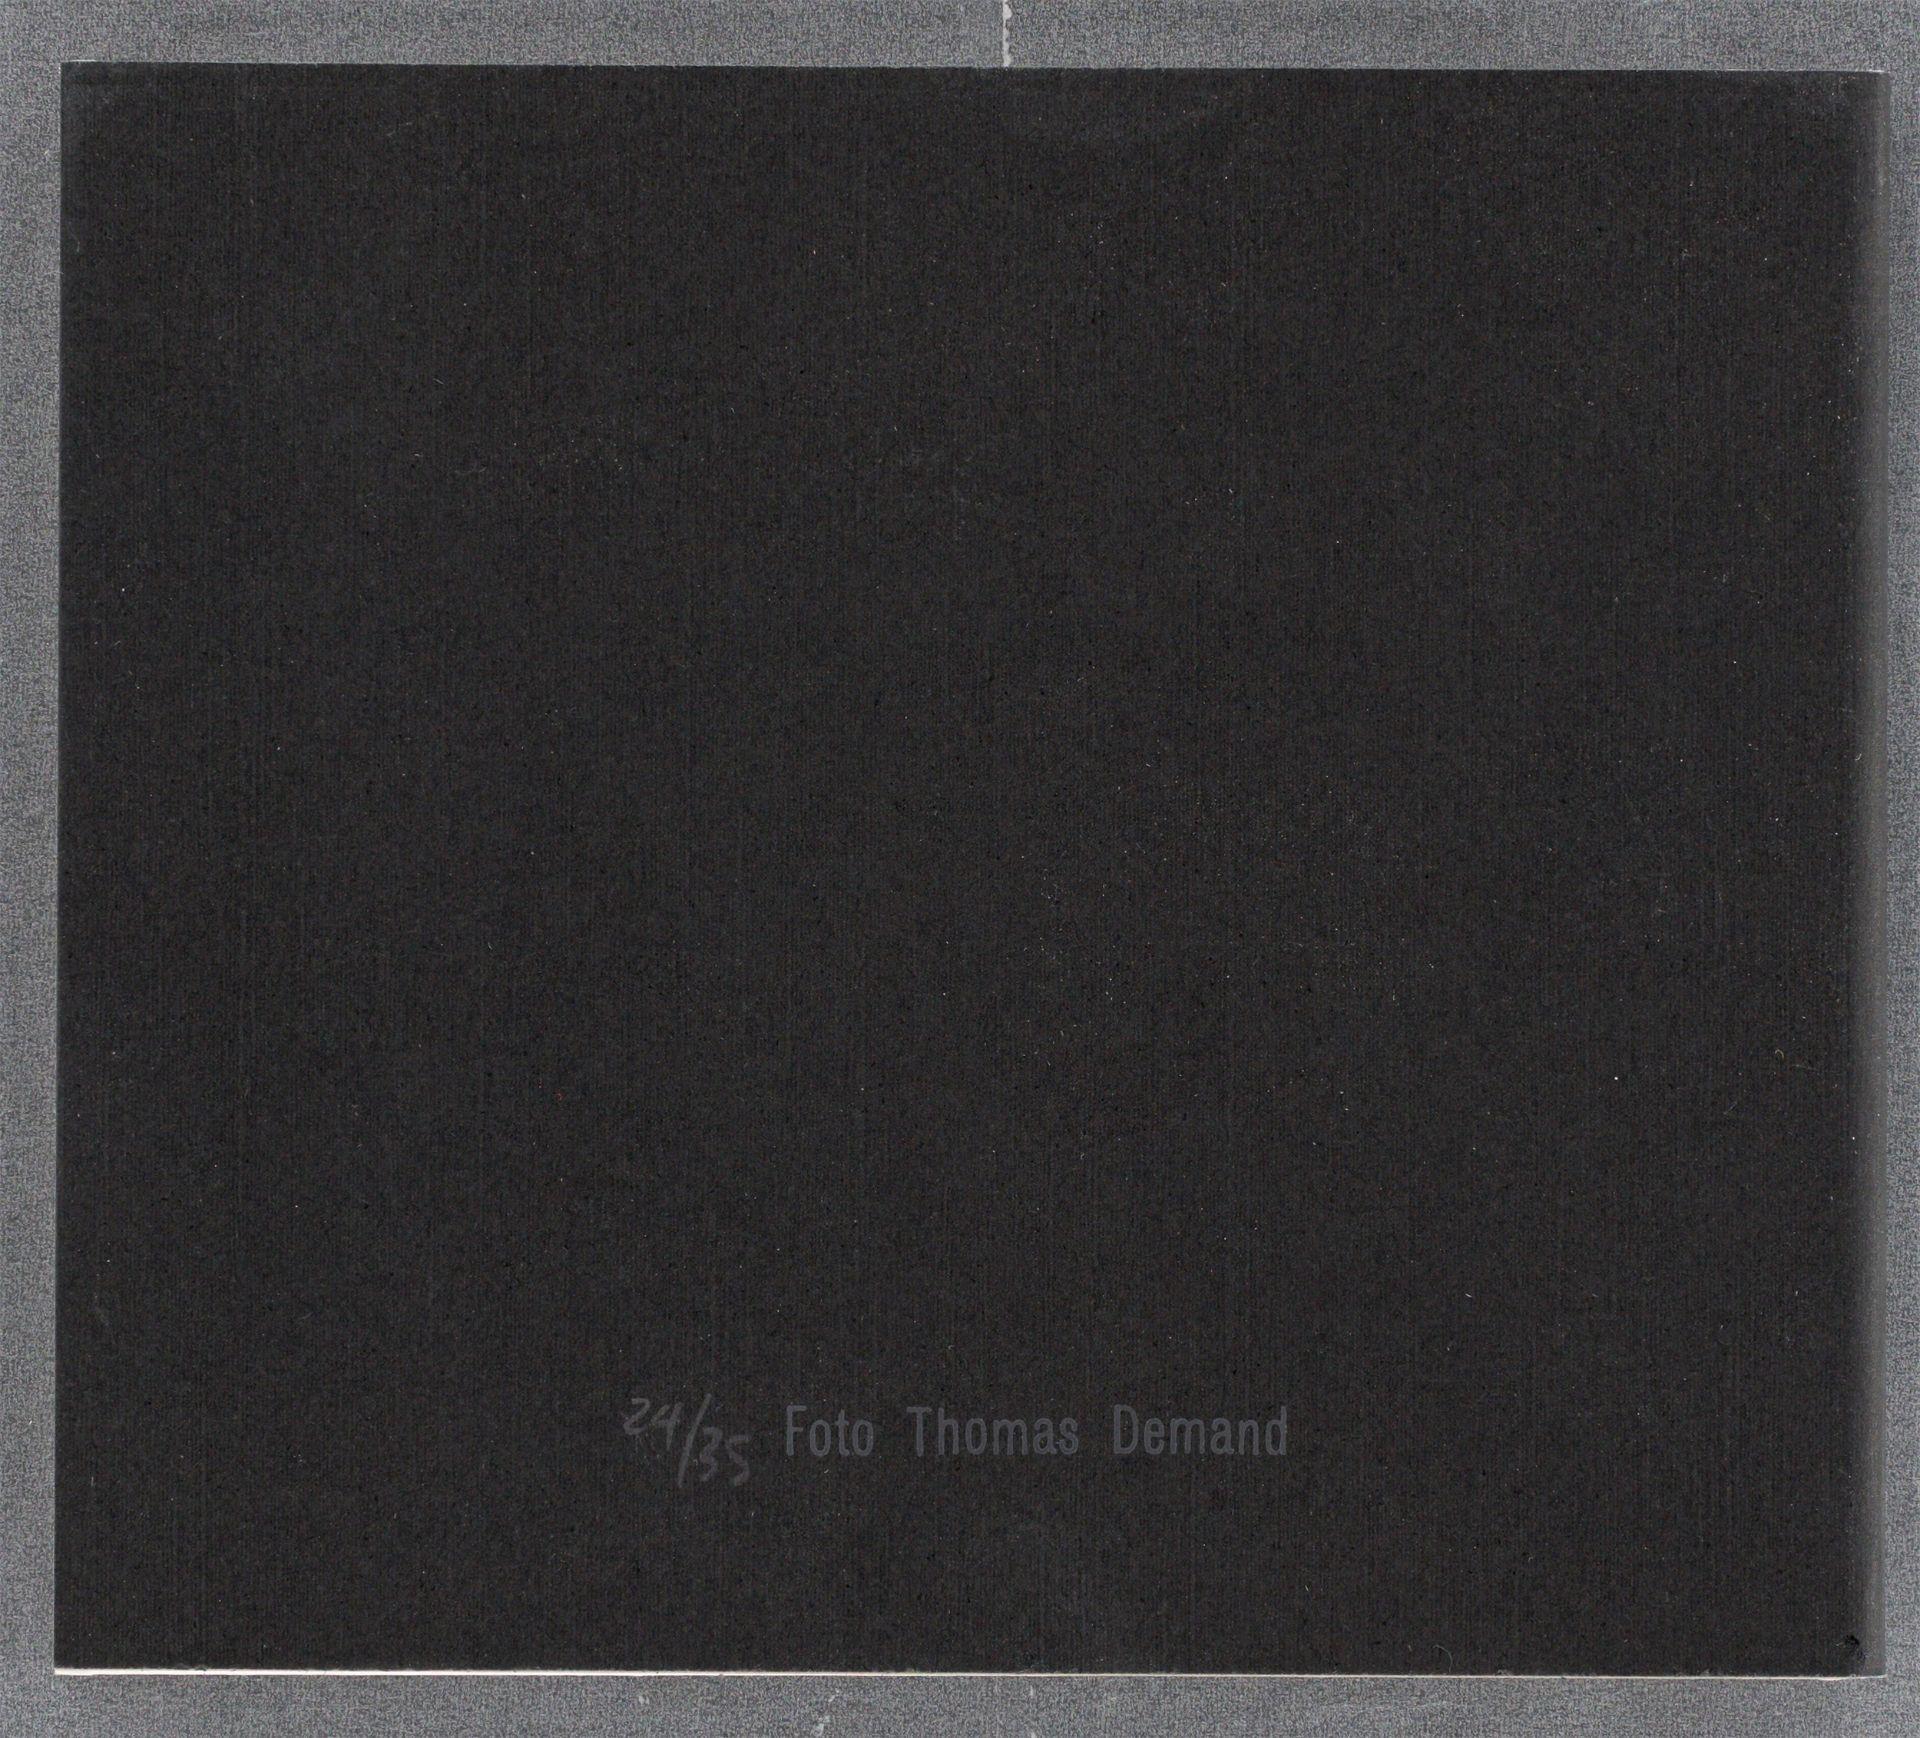 Thomas Demand (München 1964 – lebt in Berlin) - Bild 3 aus 3